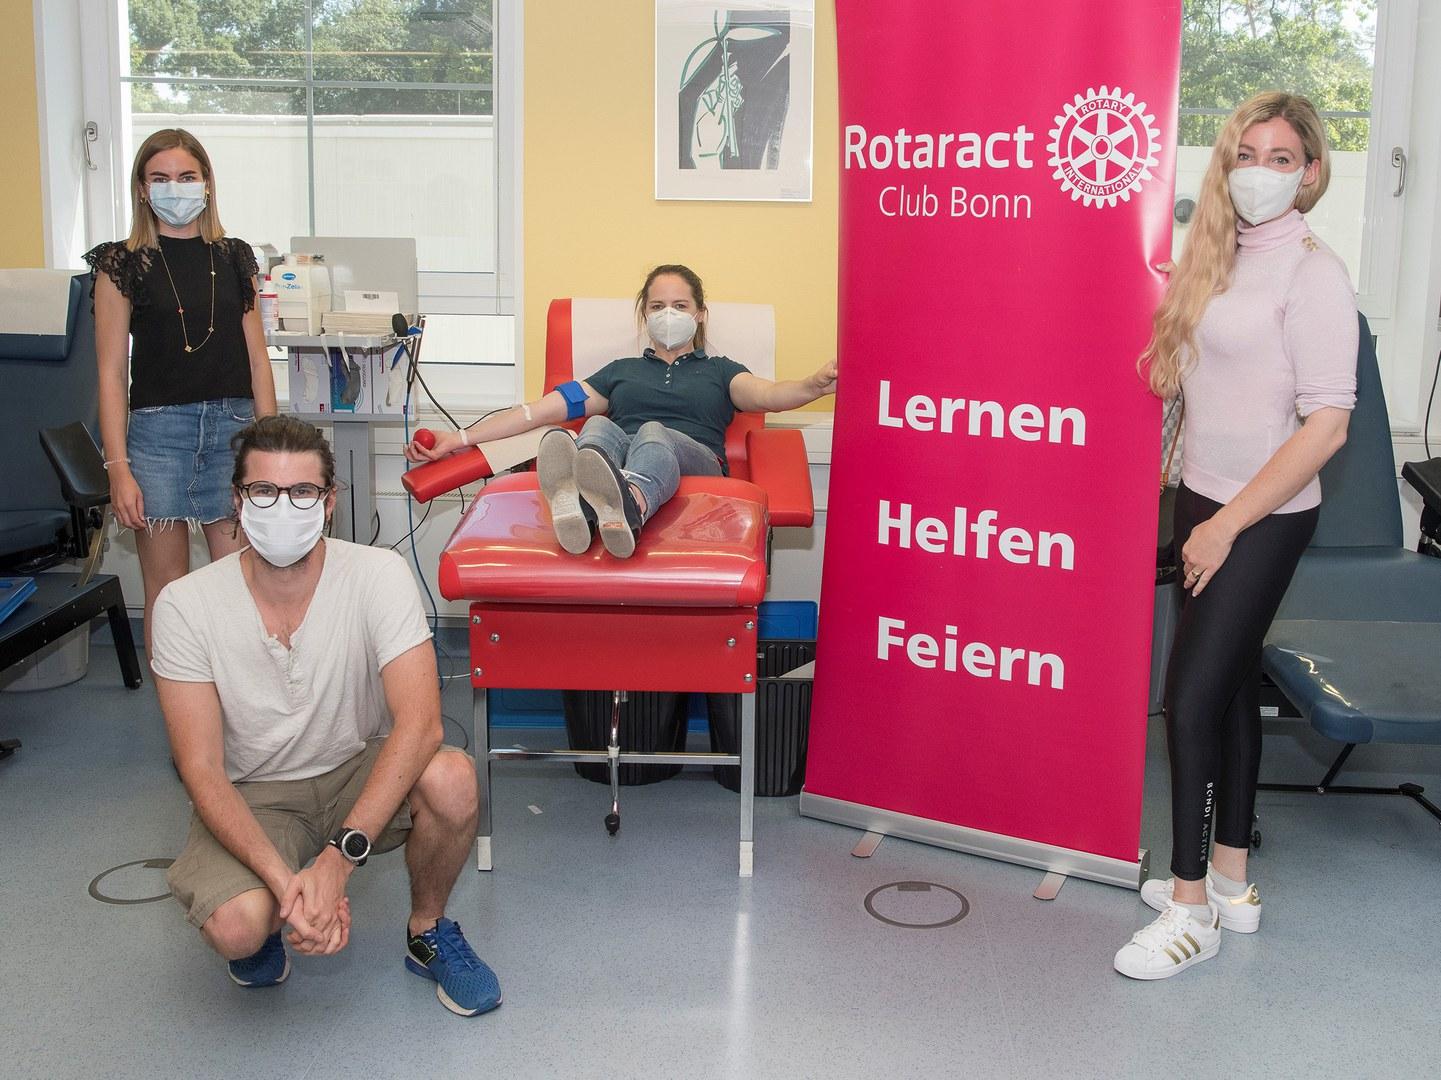 Rotaract Club Bonn ruft zur Blutspende auf: